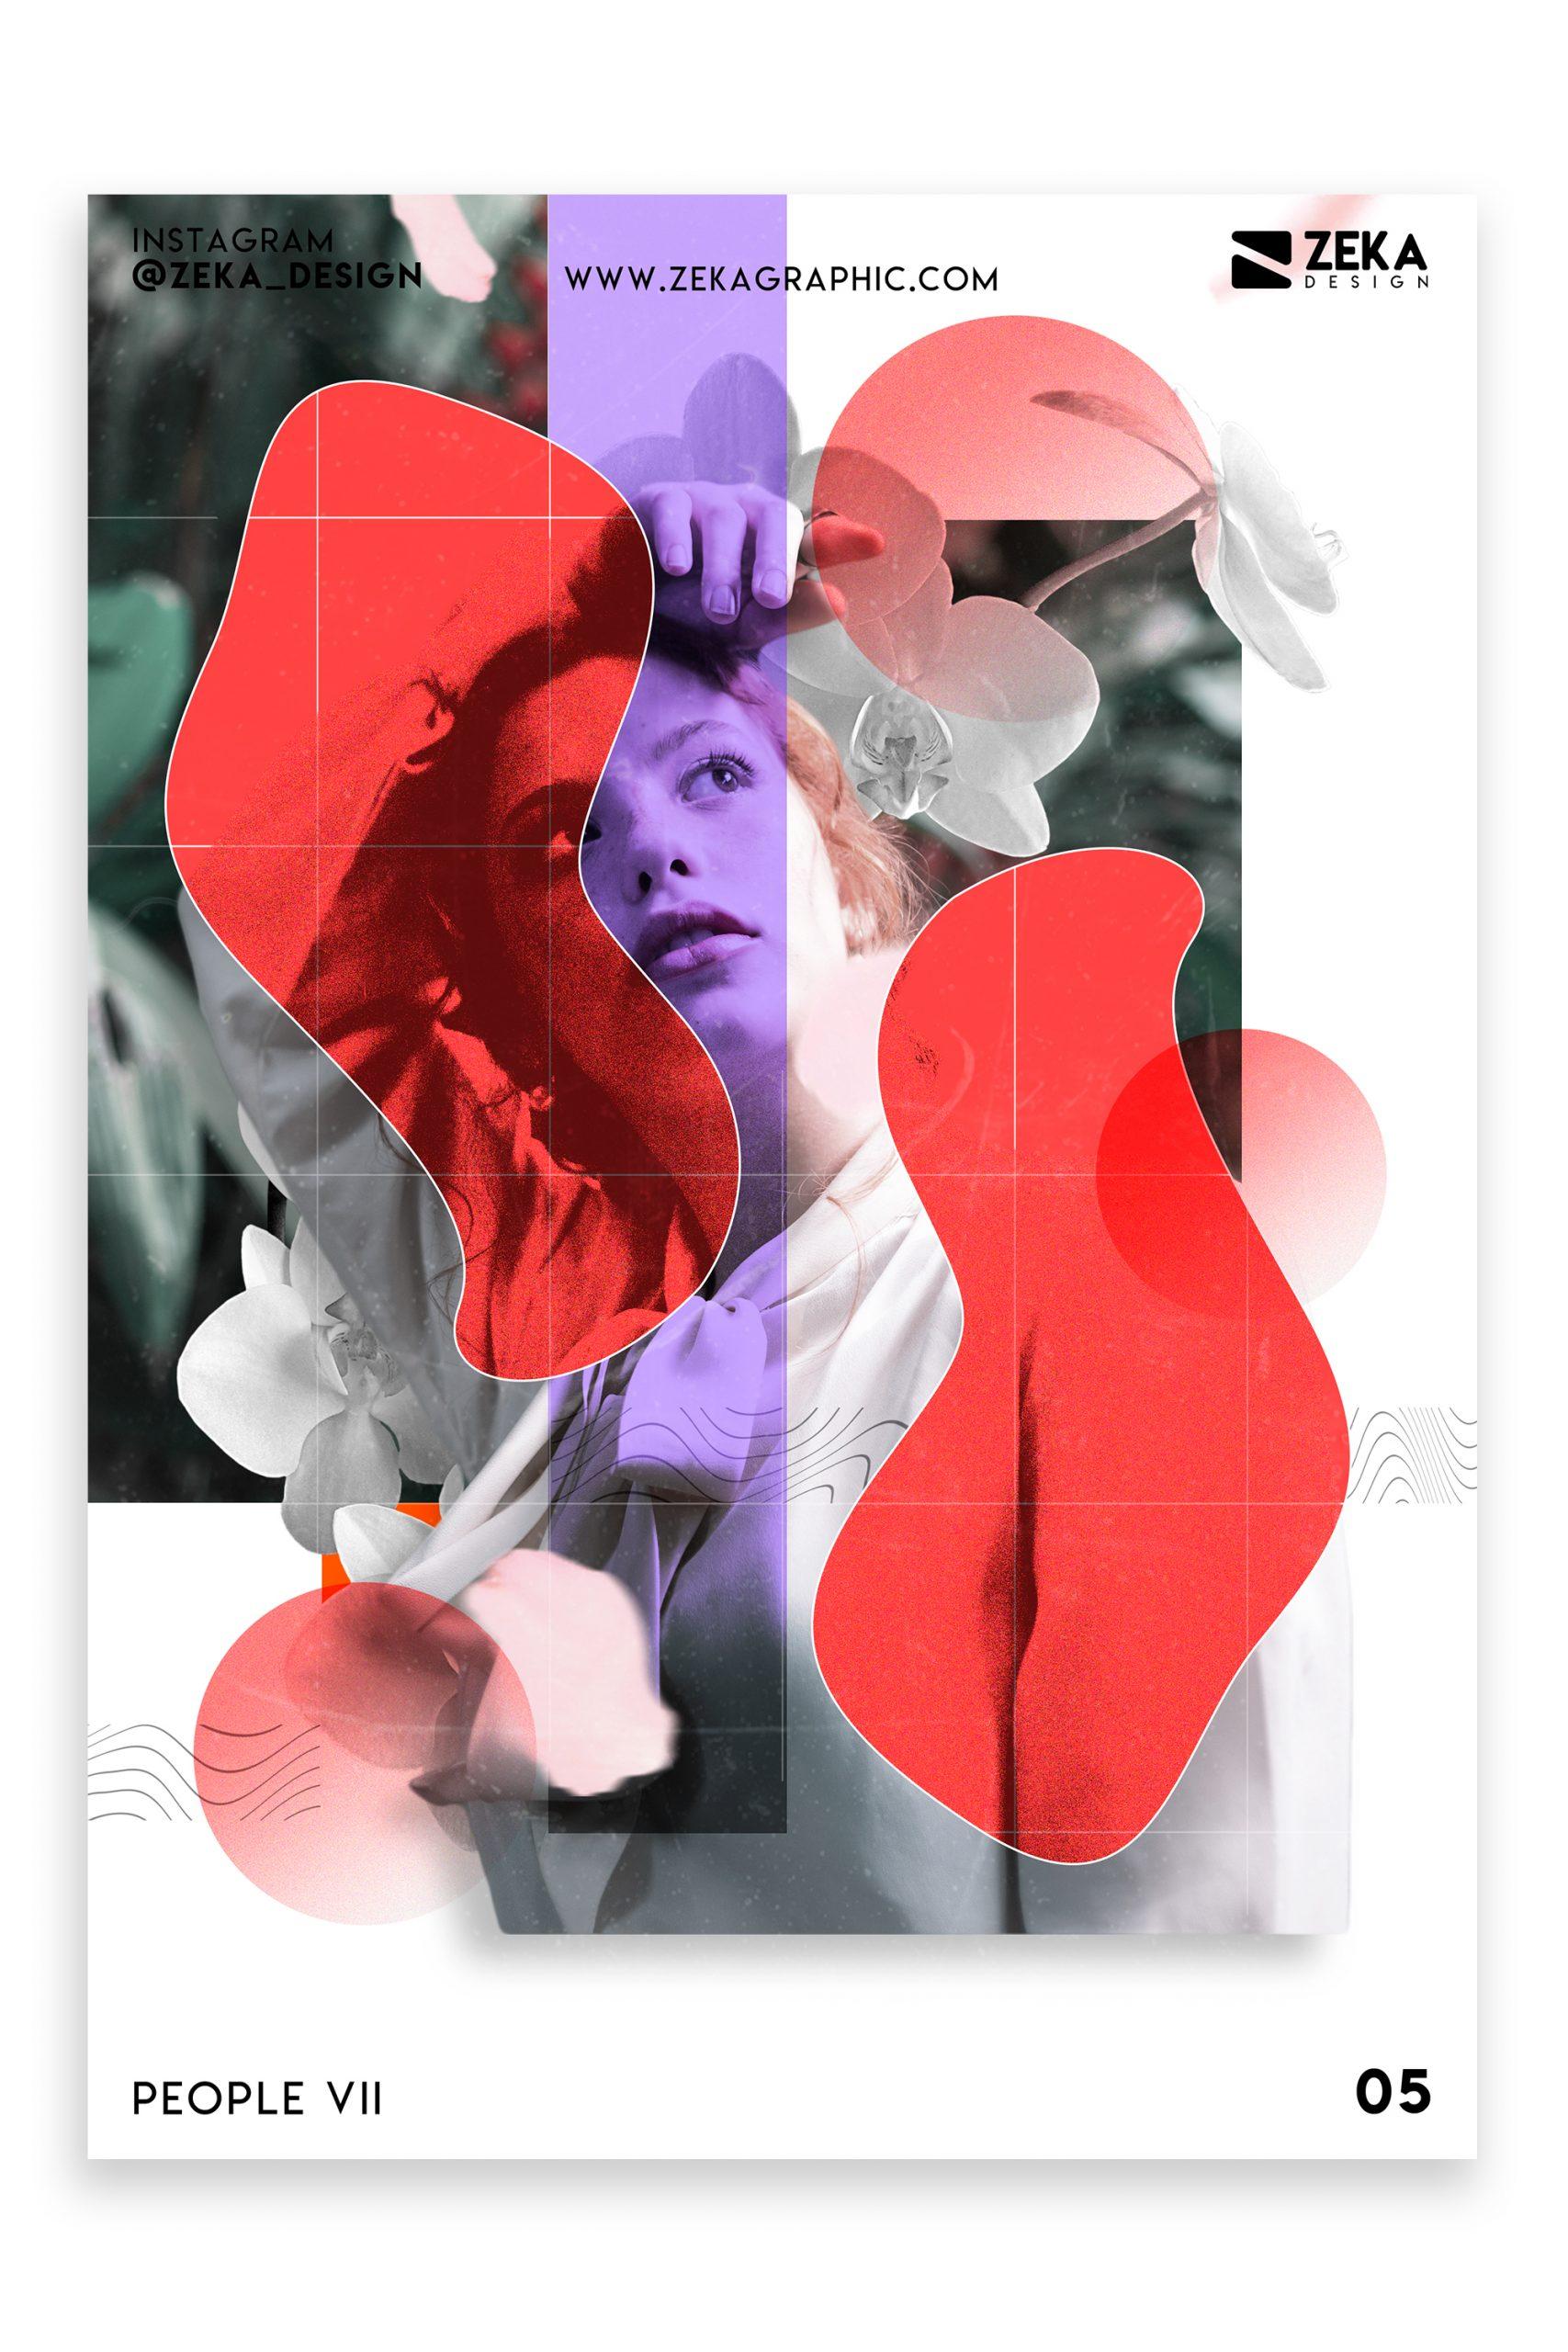 People VII Poster Design Inspiration Graphic Design Portfolio 5